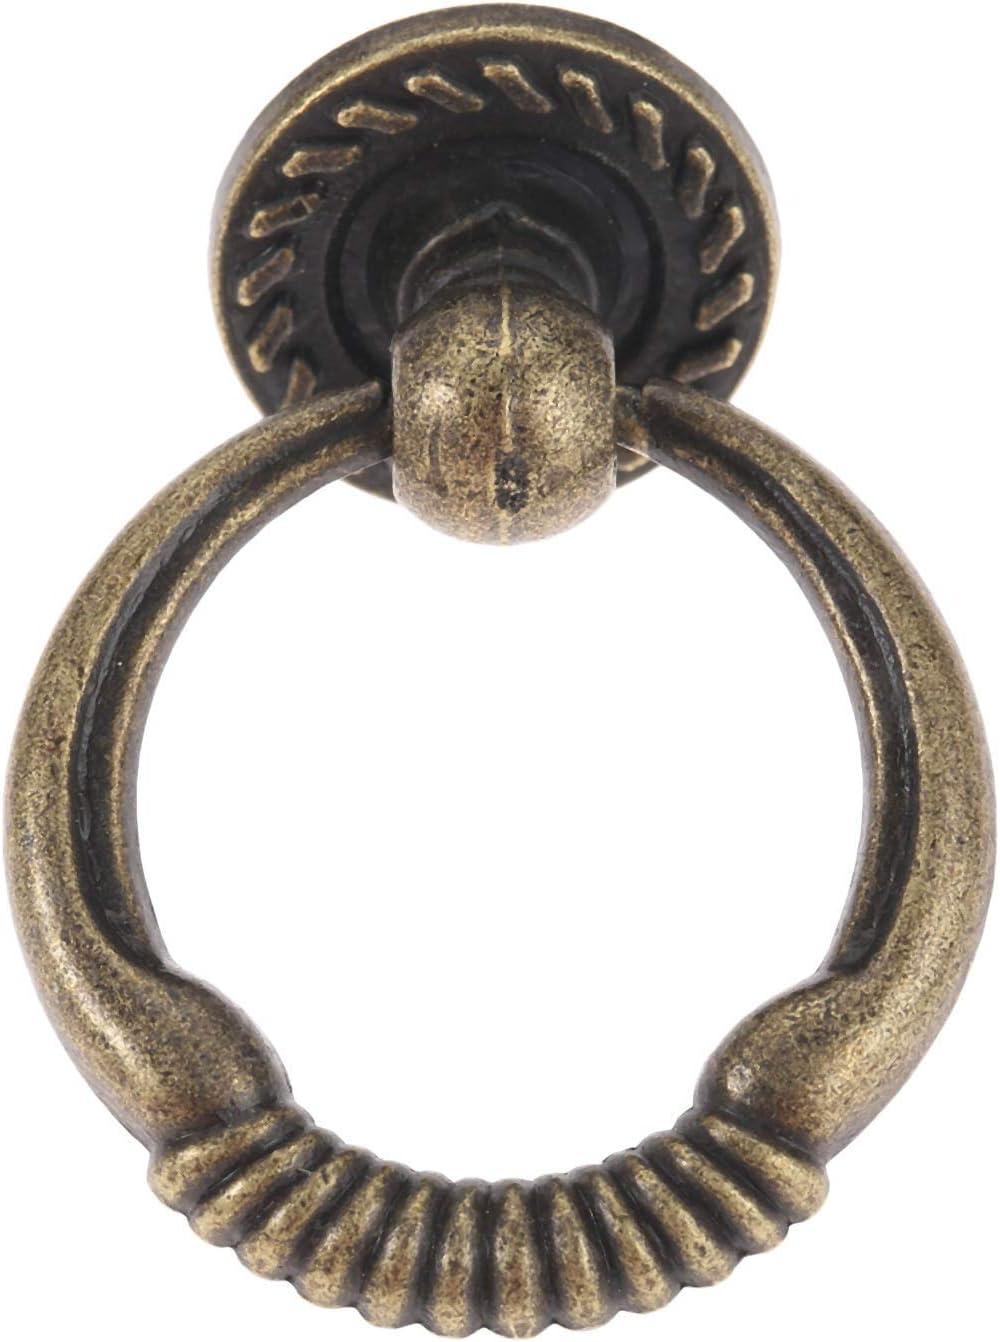 Gaodpz 1pc 43x37mm antike Bronze M/öbel Kabinett Kn/öpfe und Griffe K/üchenschubladenschrank Ring Pull Griffe M/öbelbeschl/äge